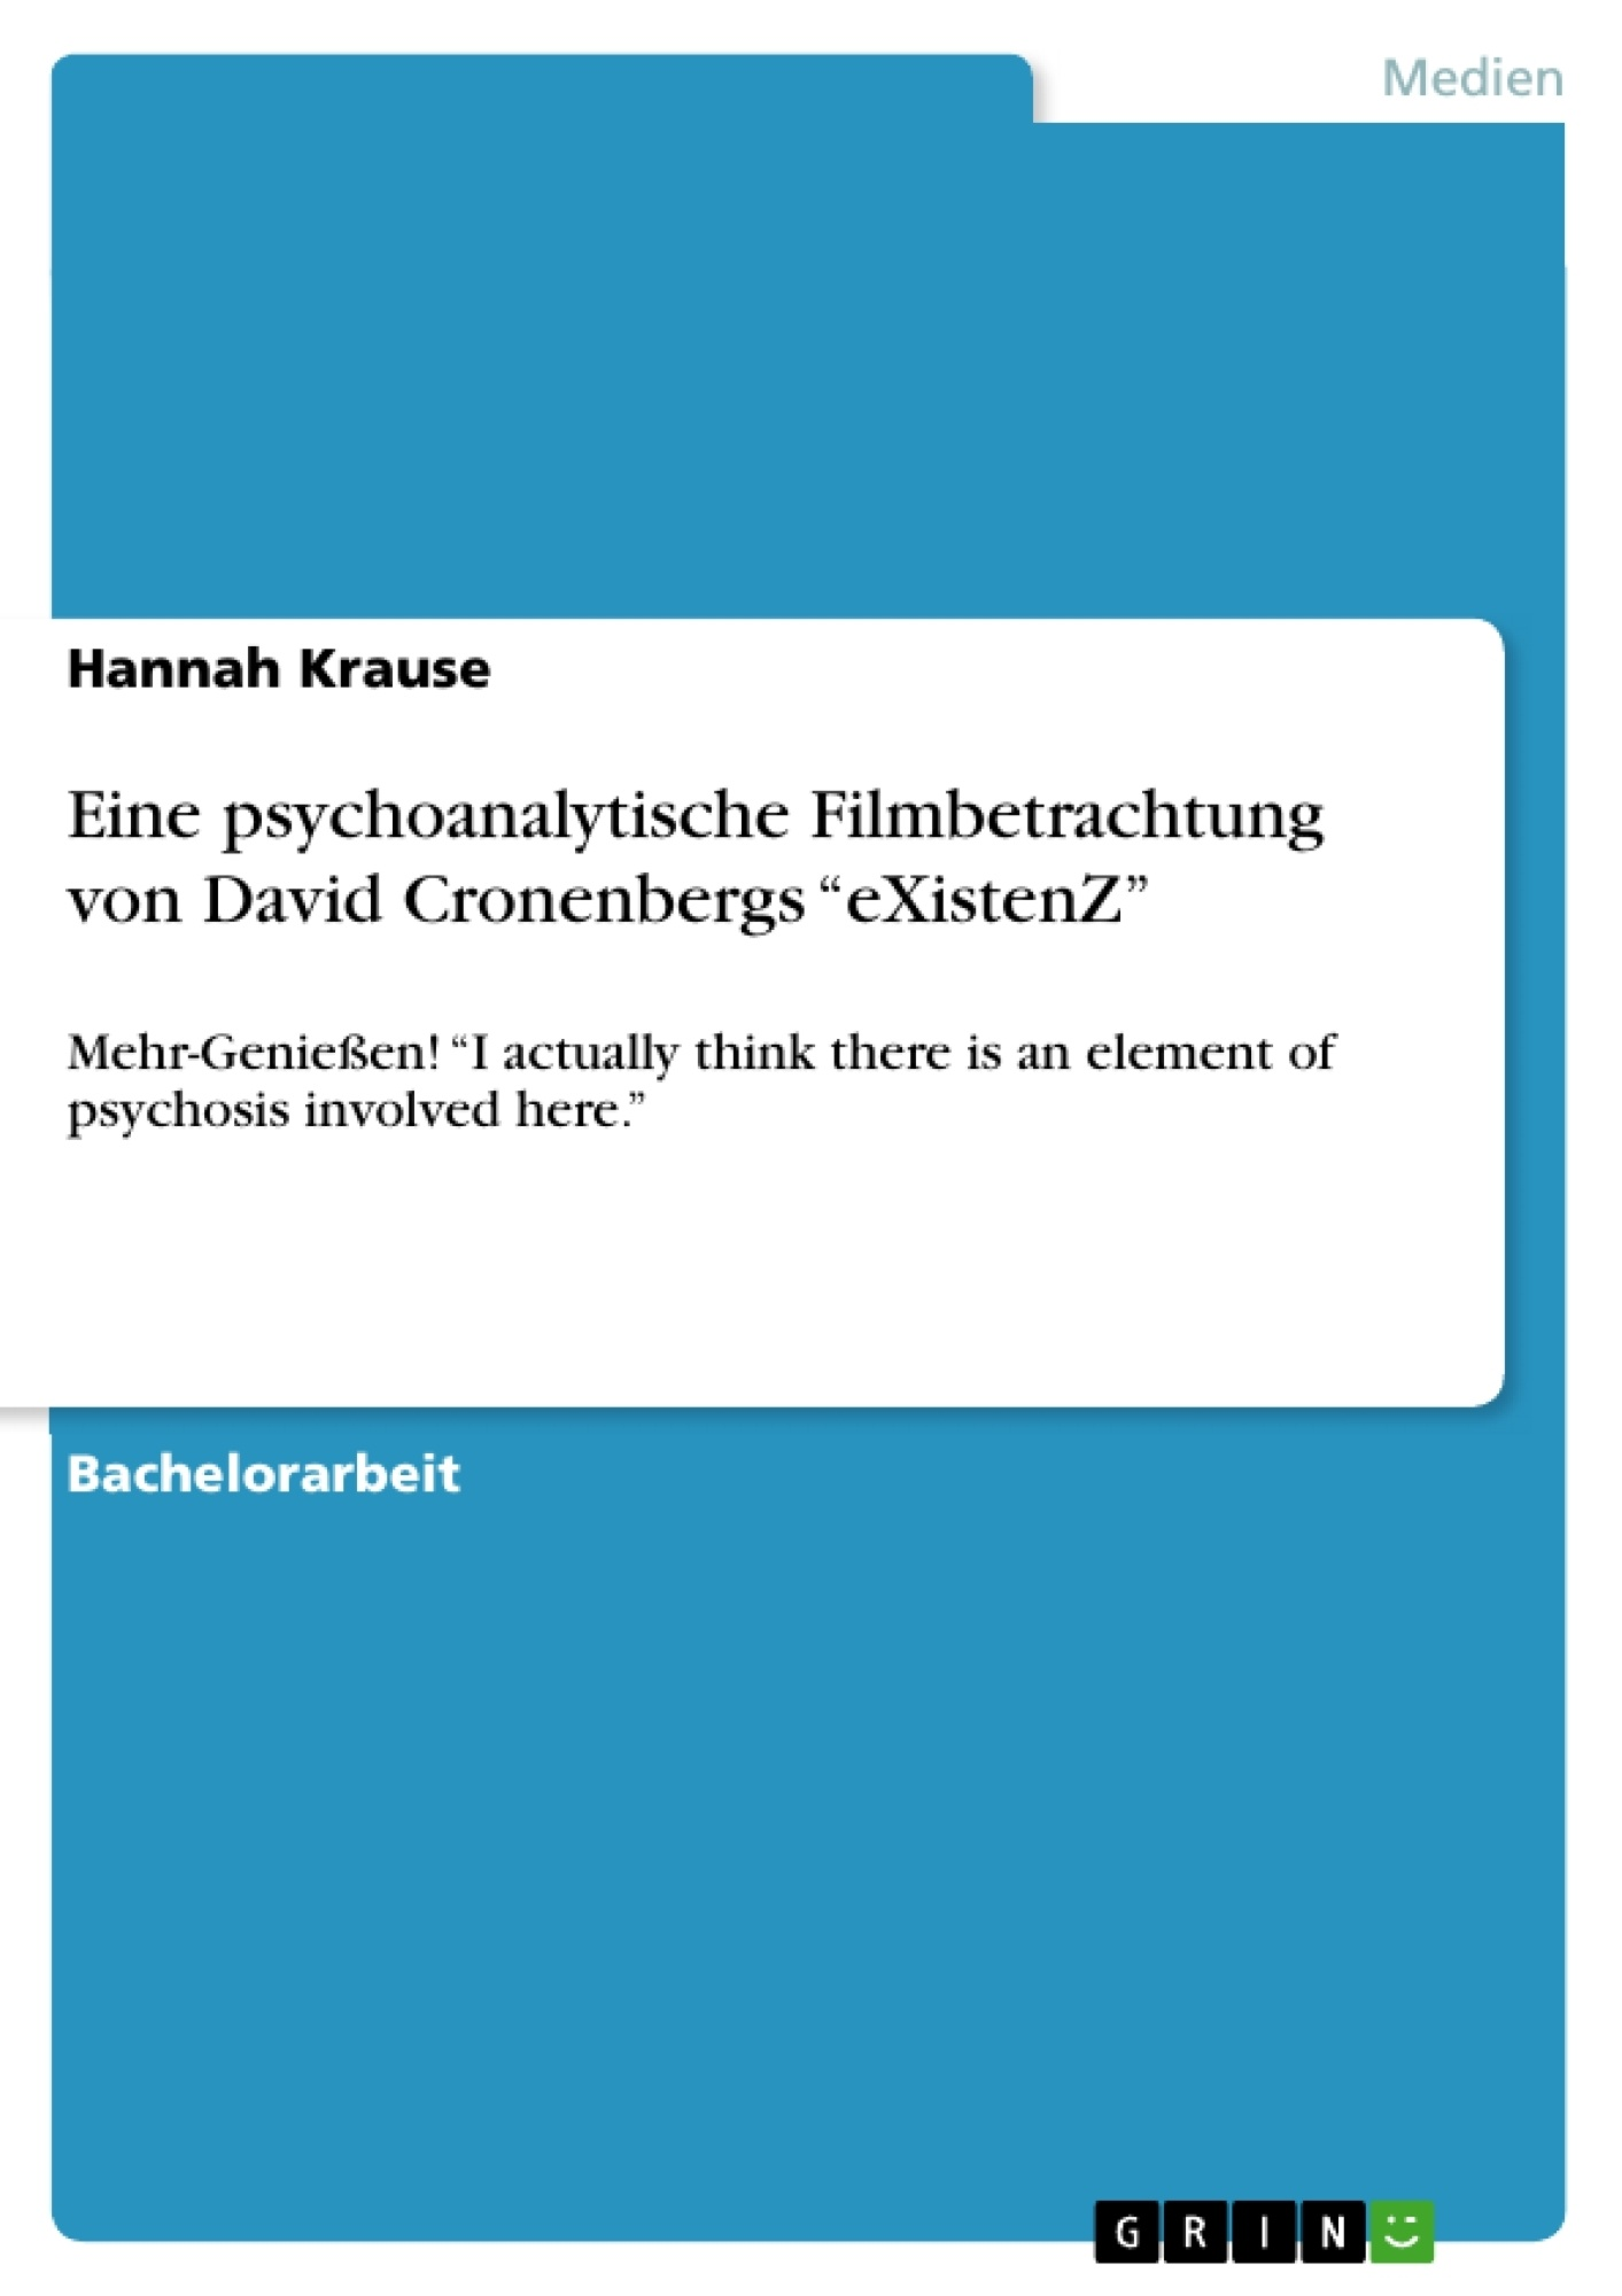 """Titel: Eine psychoanalytische Filmbetrachtung von David Cronenbergs """"eXistenZ"""""""